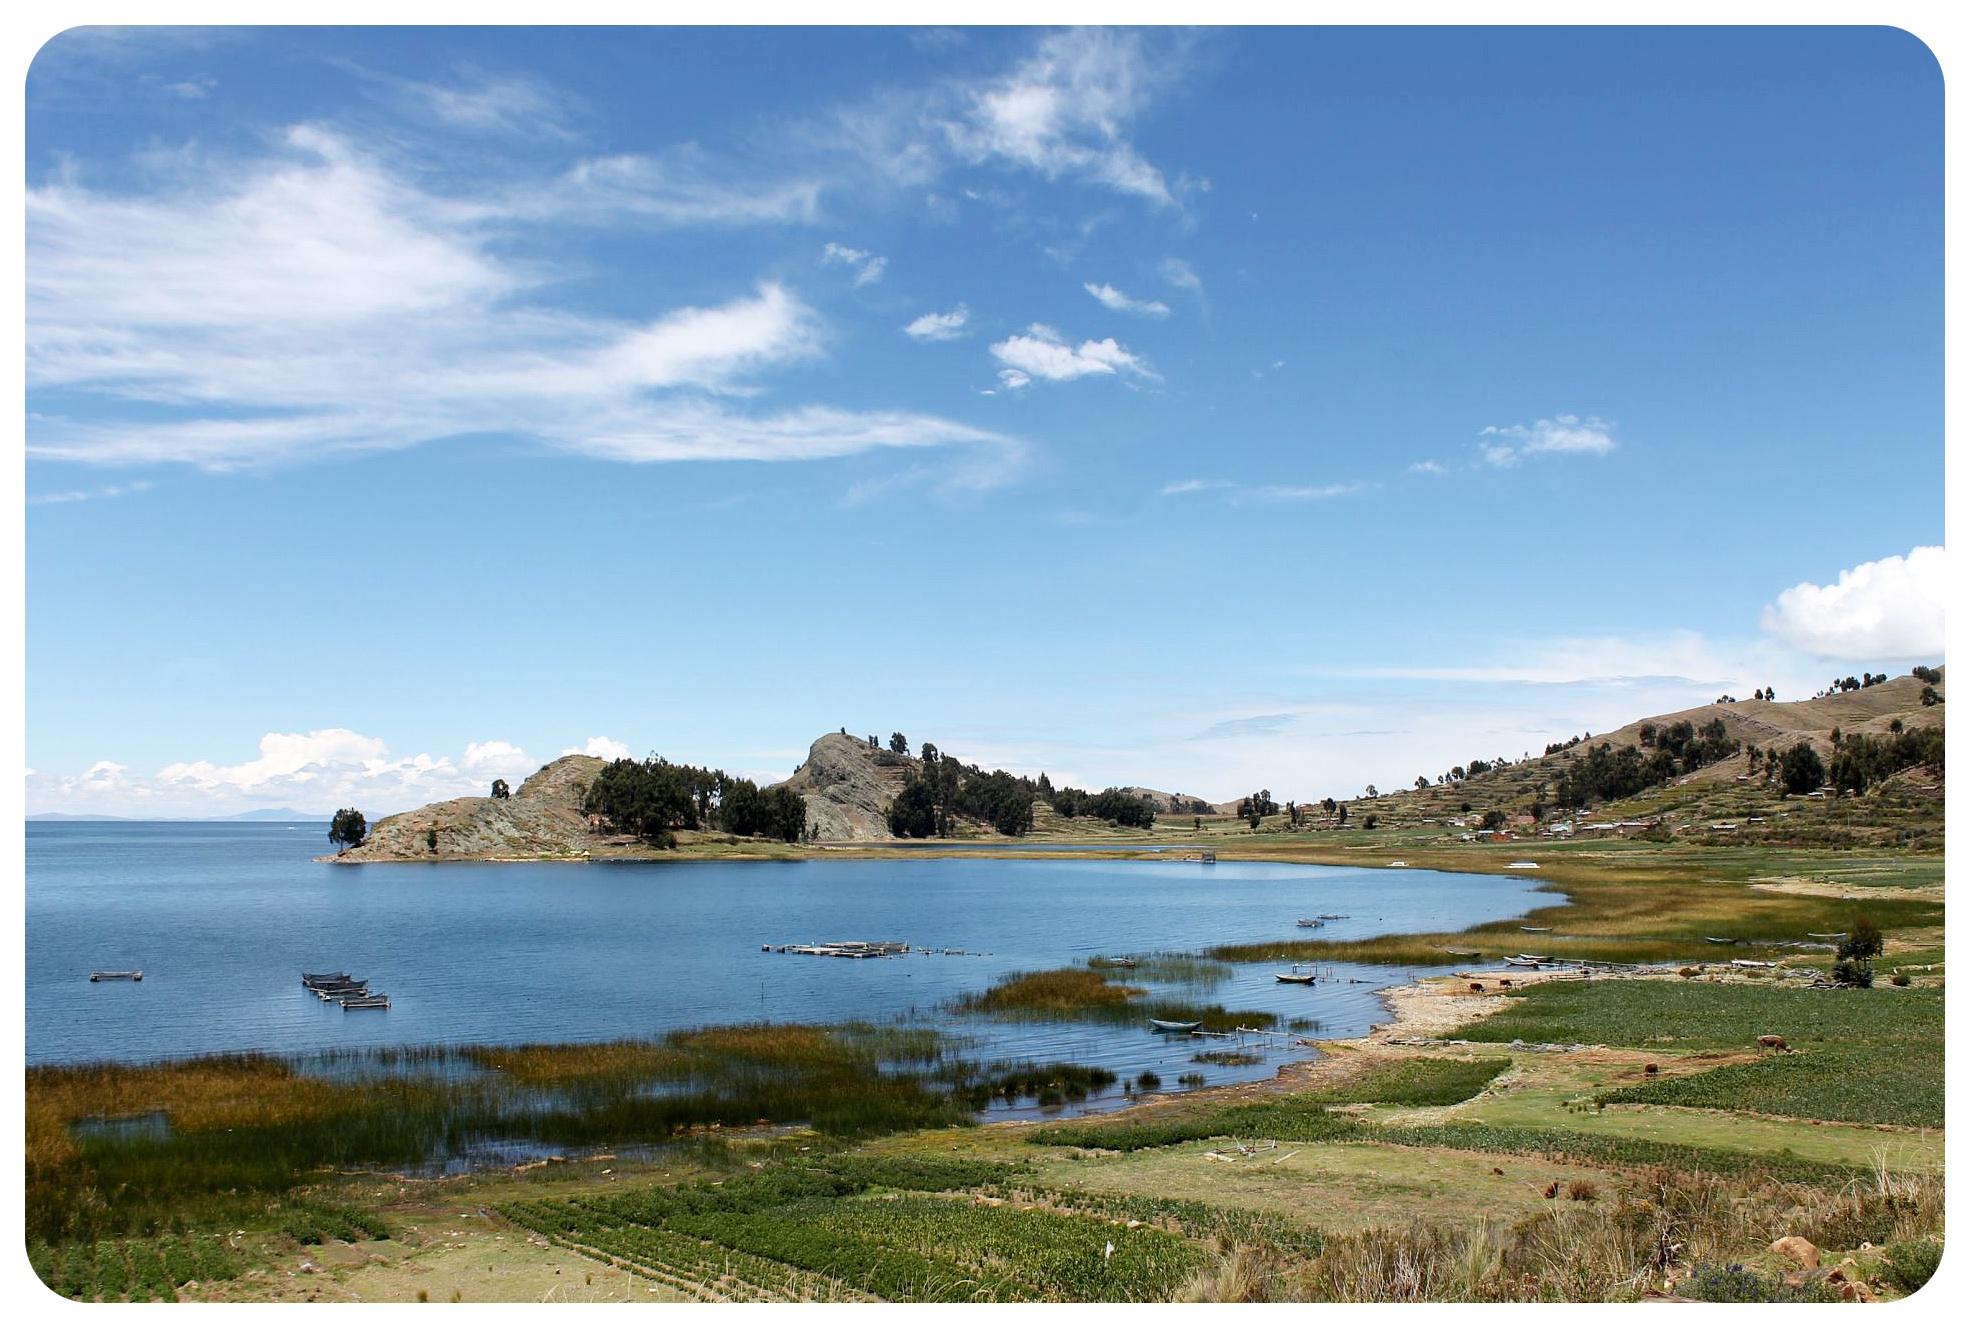 lake titicaca yampupata hike